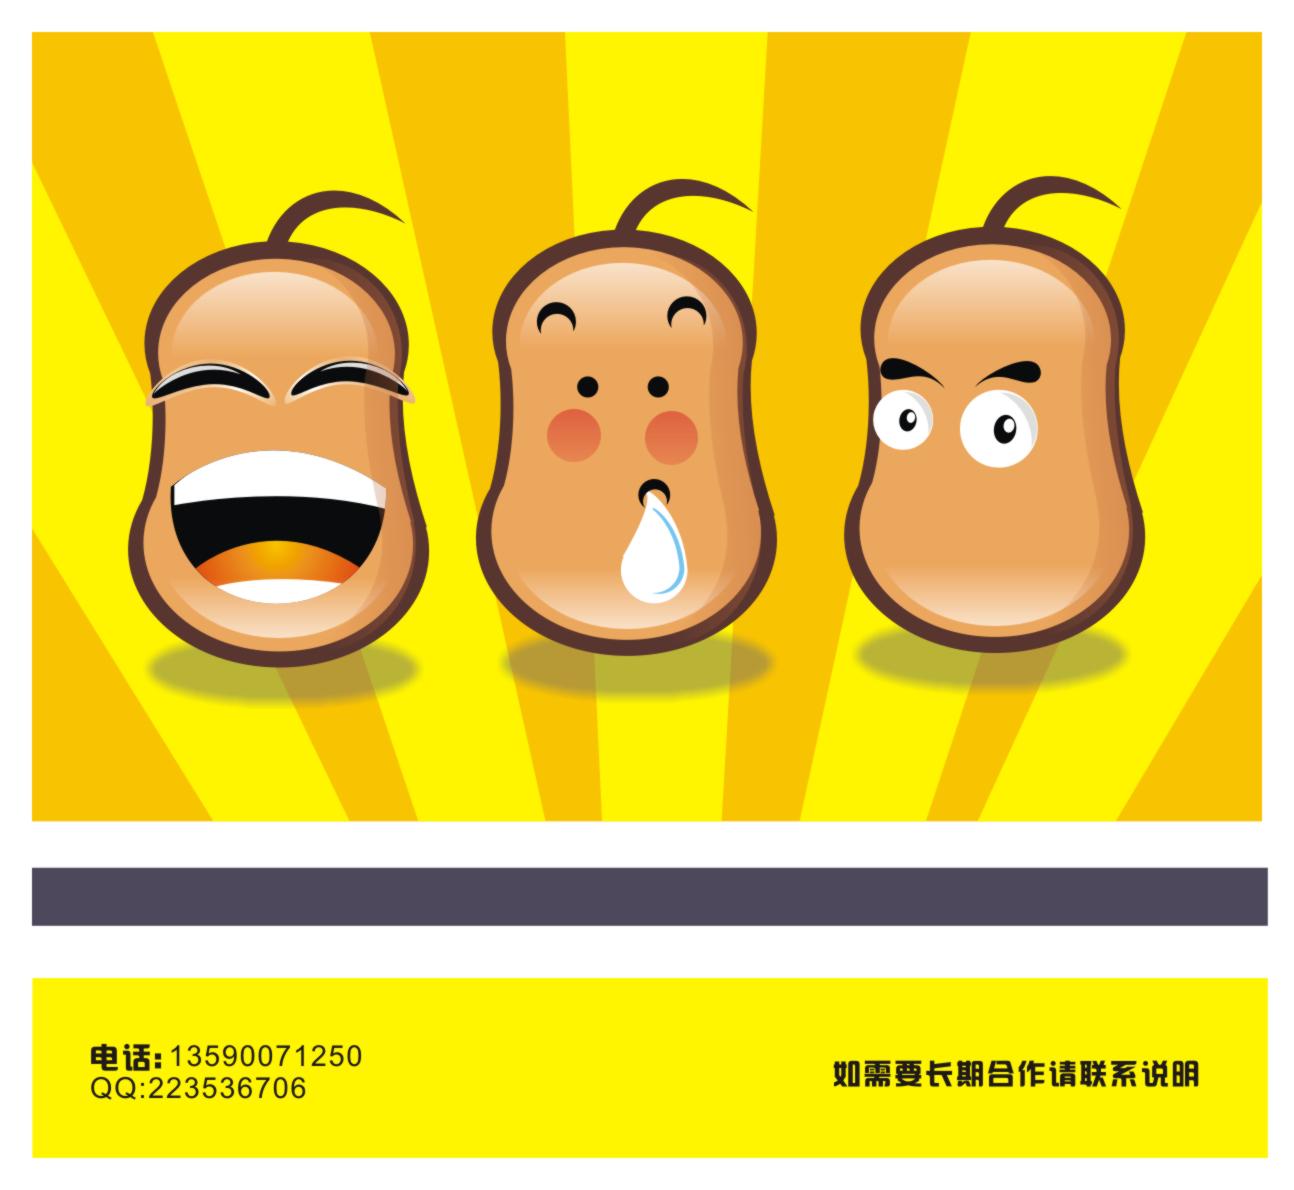 仿qq表情动画设计图片